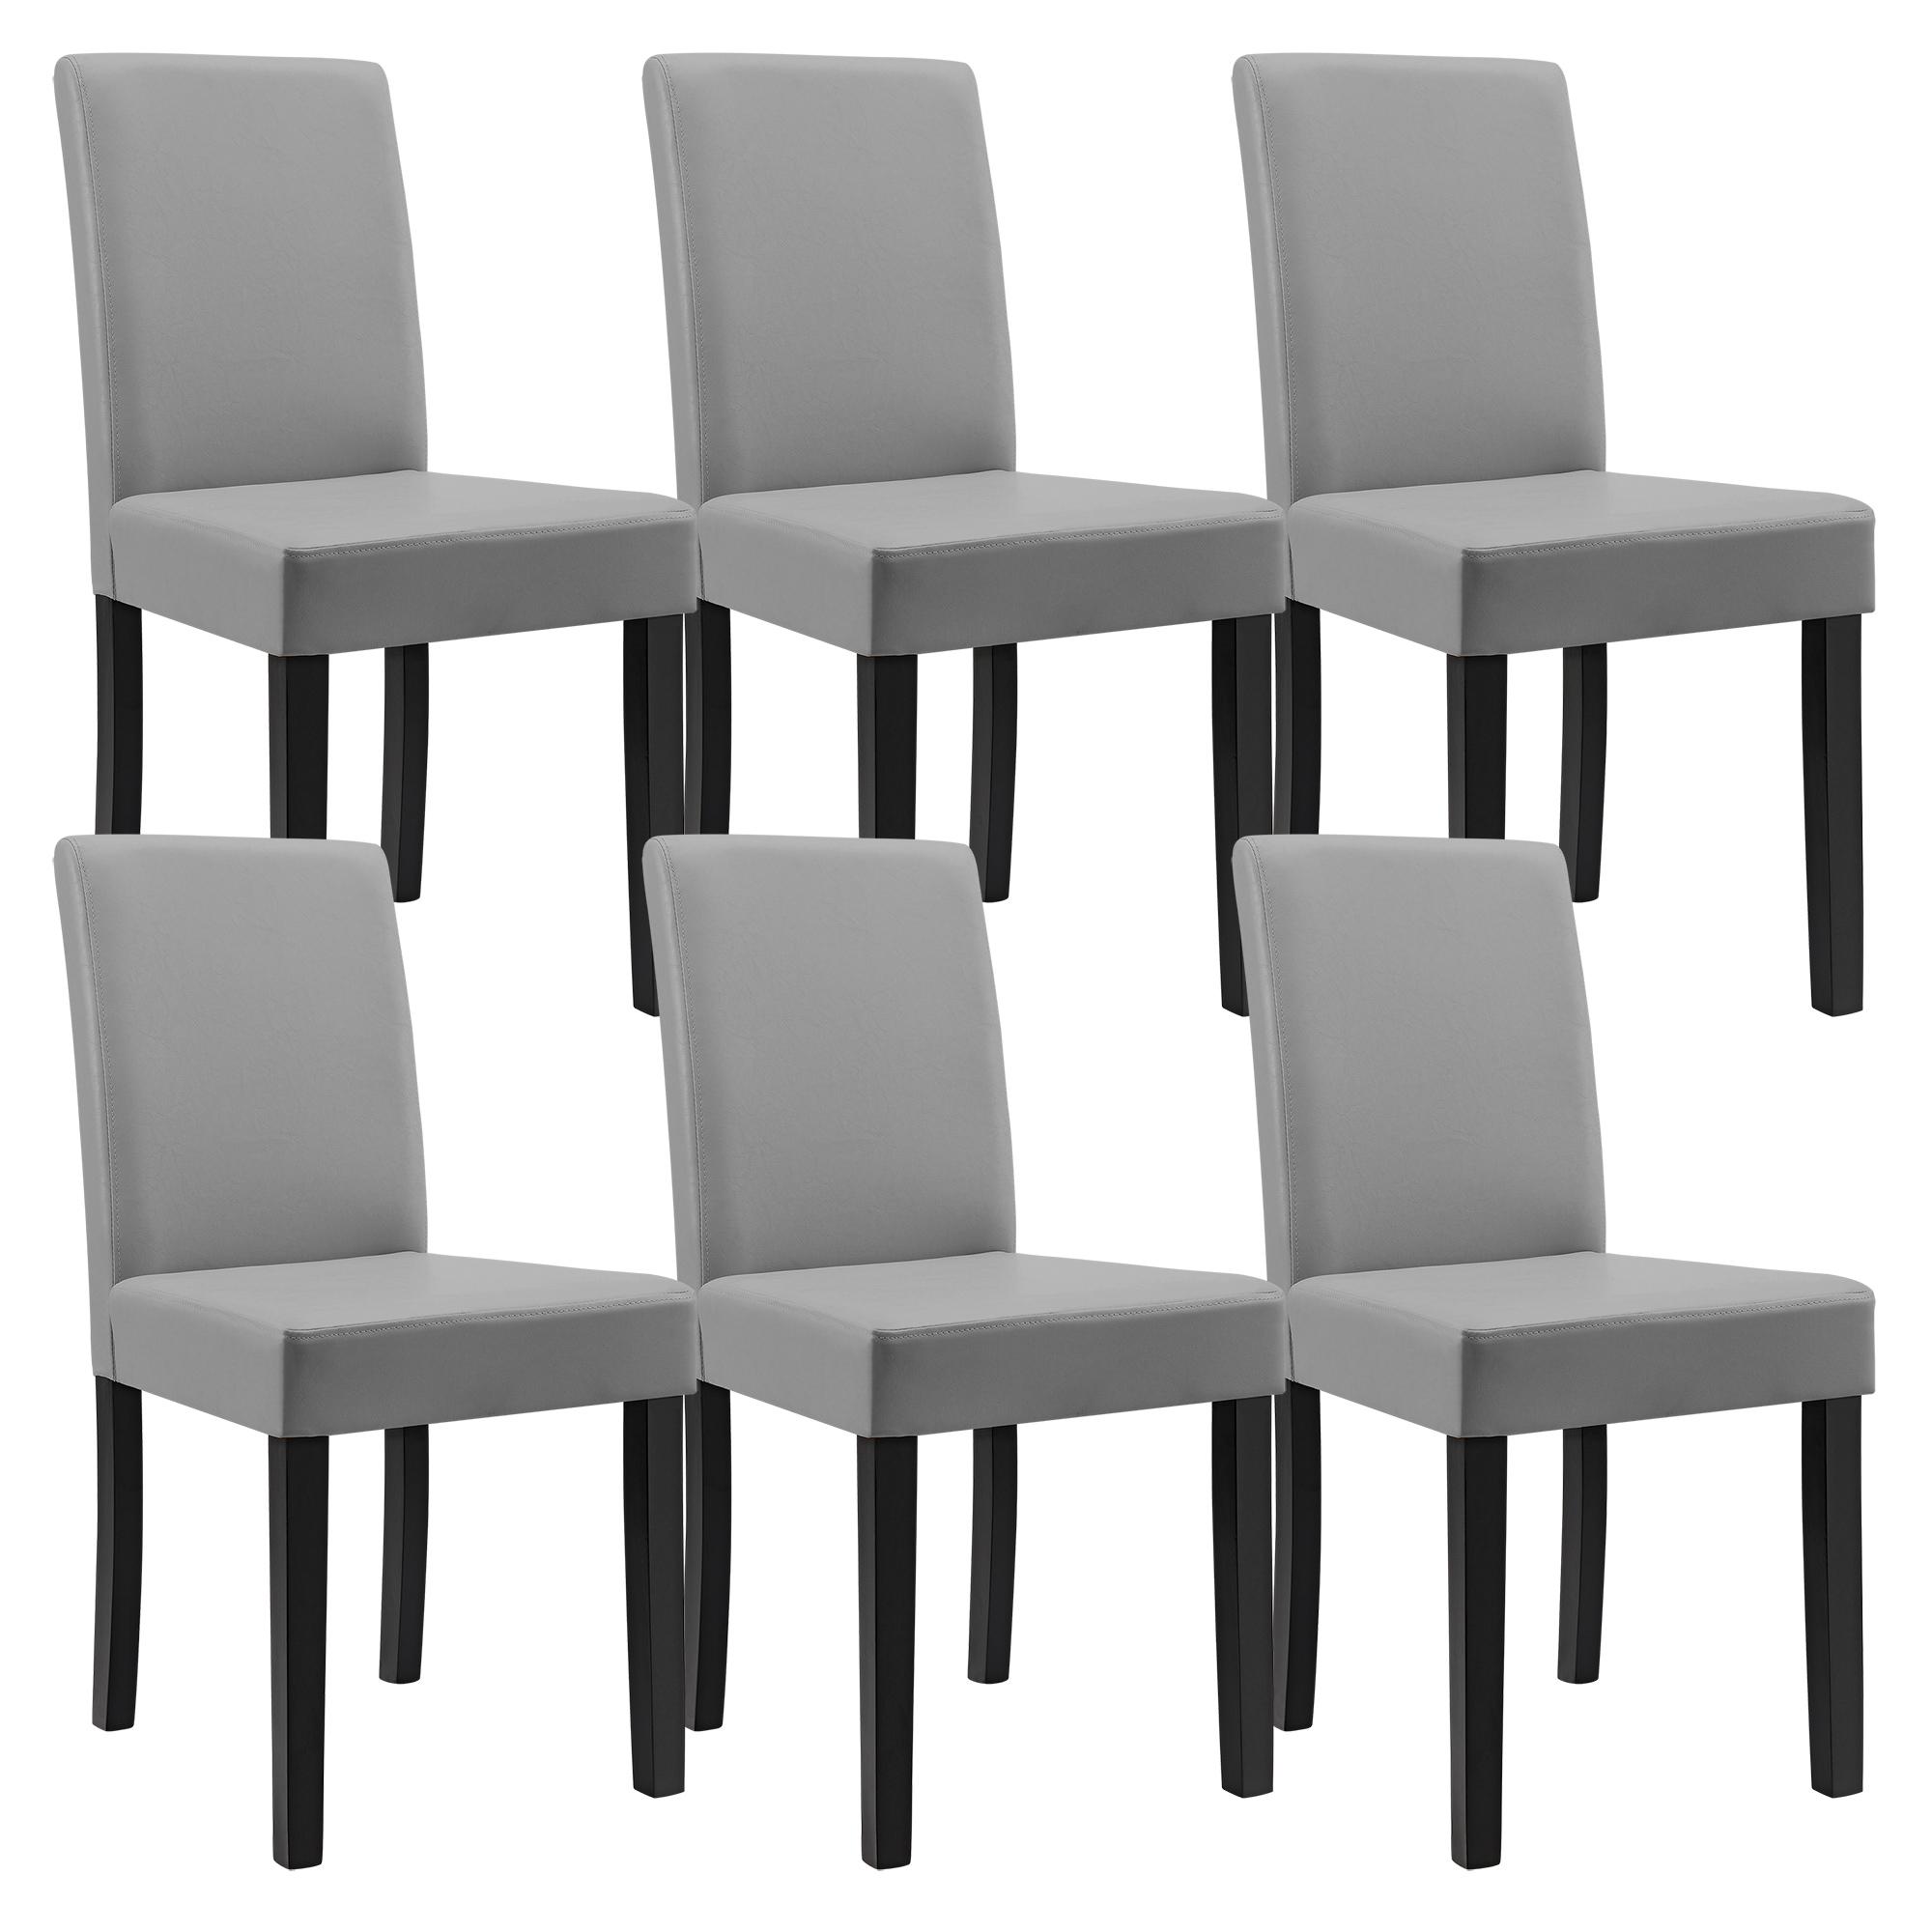 Table de salle manger ch ne blanc avec 6 chaises gris clair 140x90 - Table de salle a manger avec 6 chaises ...